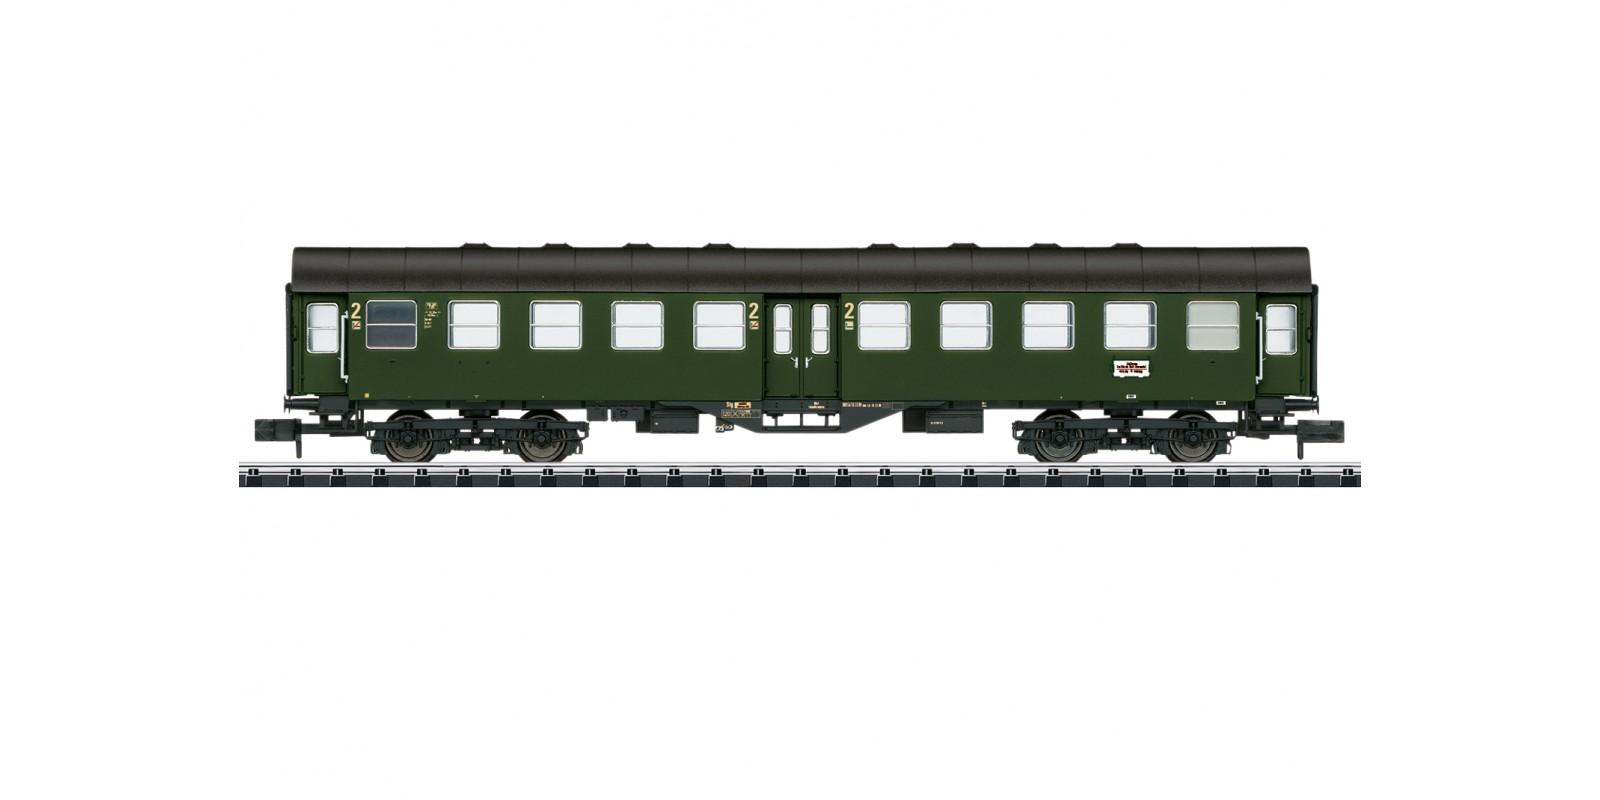 T15078 Type Byg Passenger Car